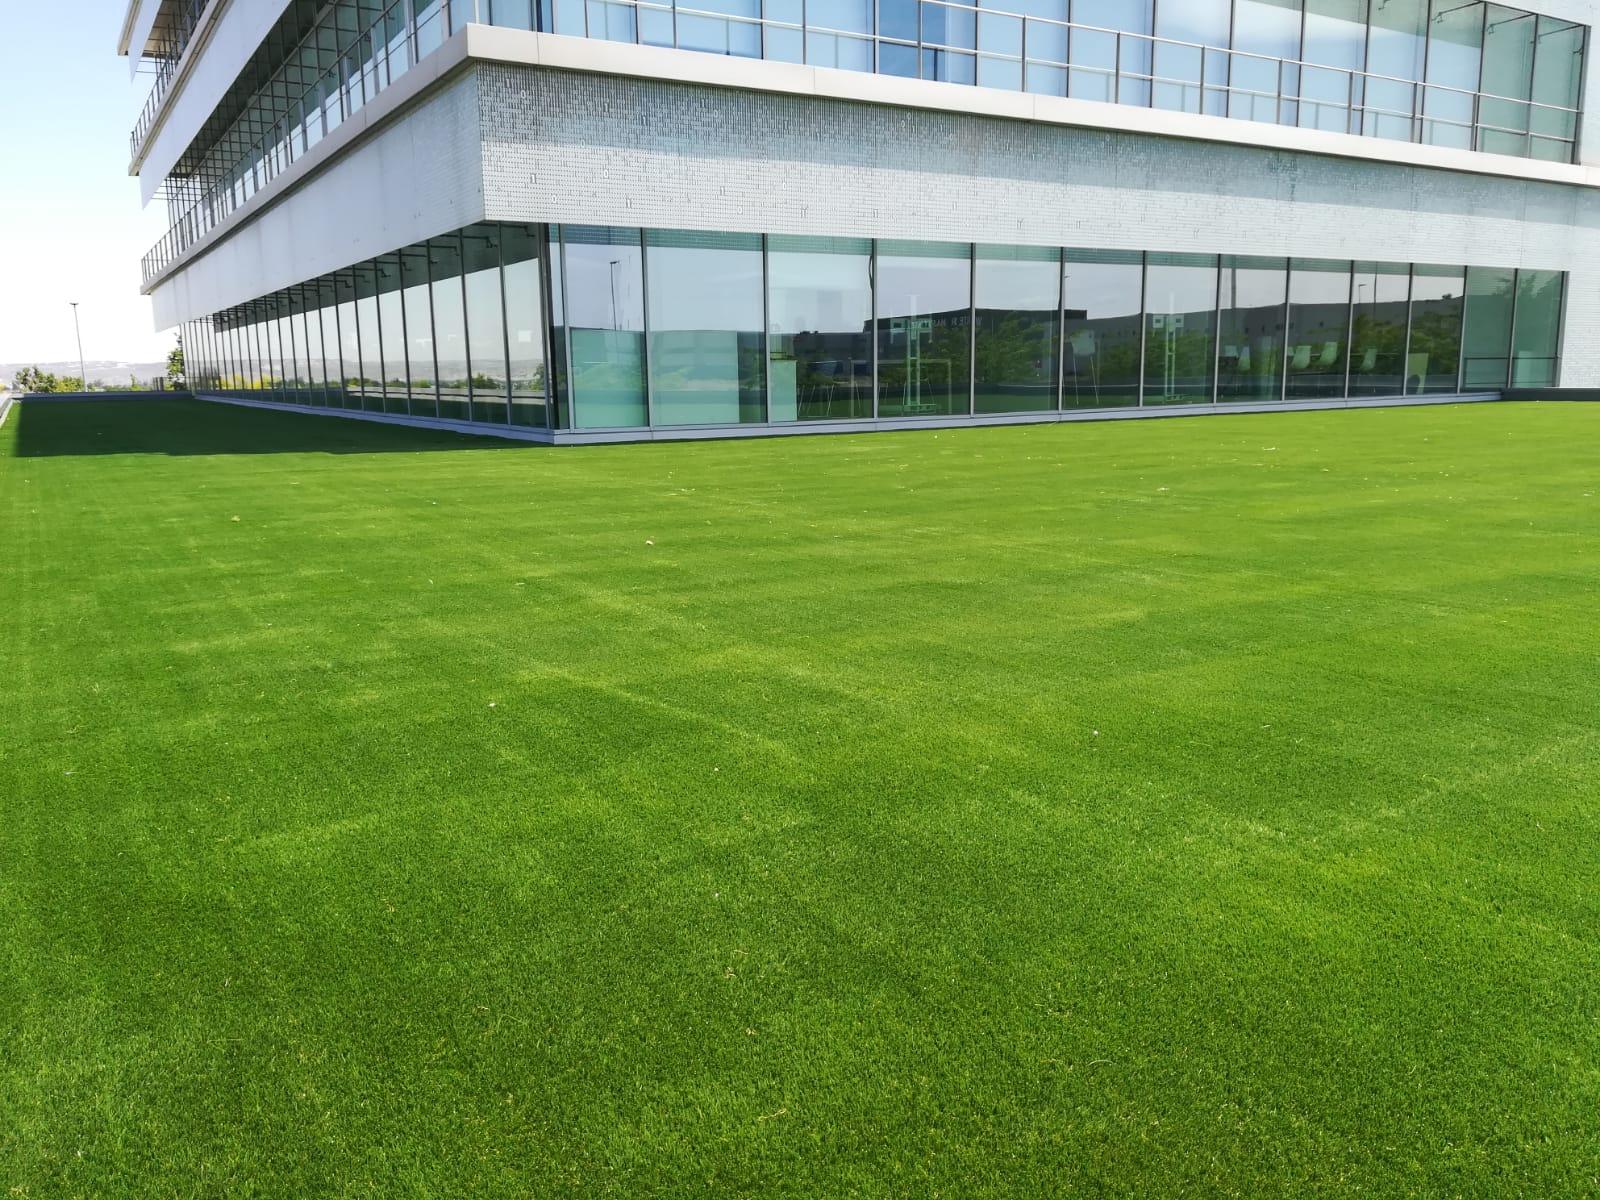 Oficinas En Plaza Una Terraza O Un Campo De Fútbol